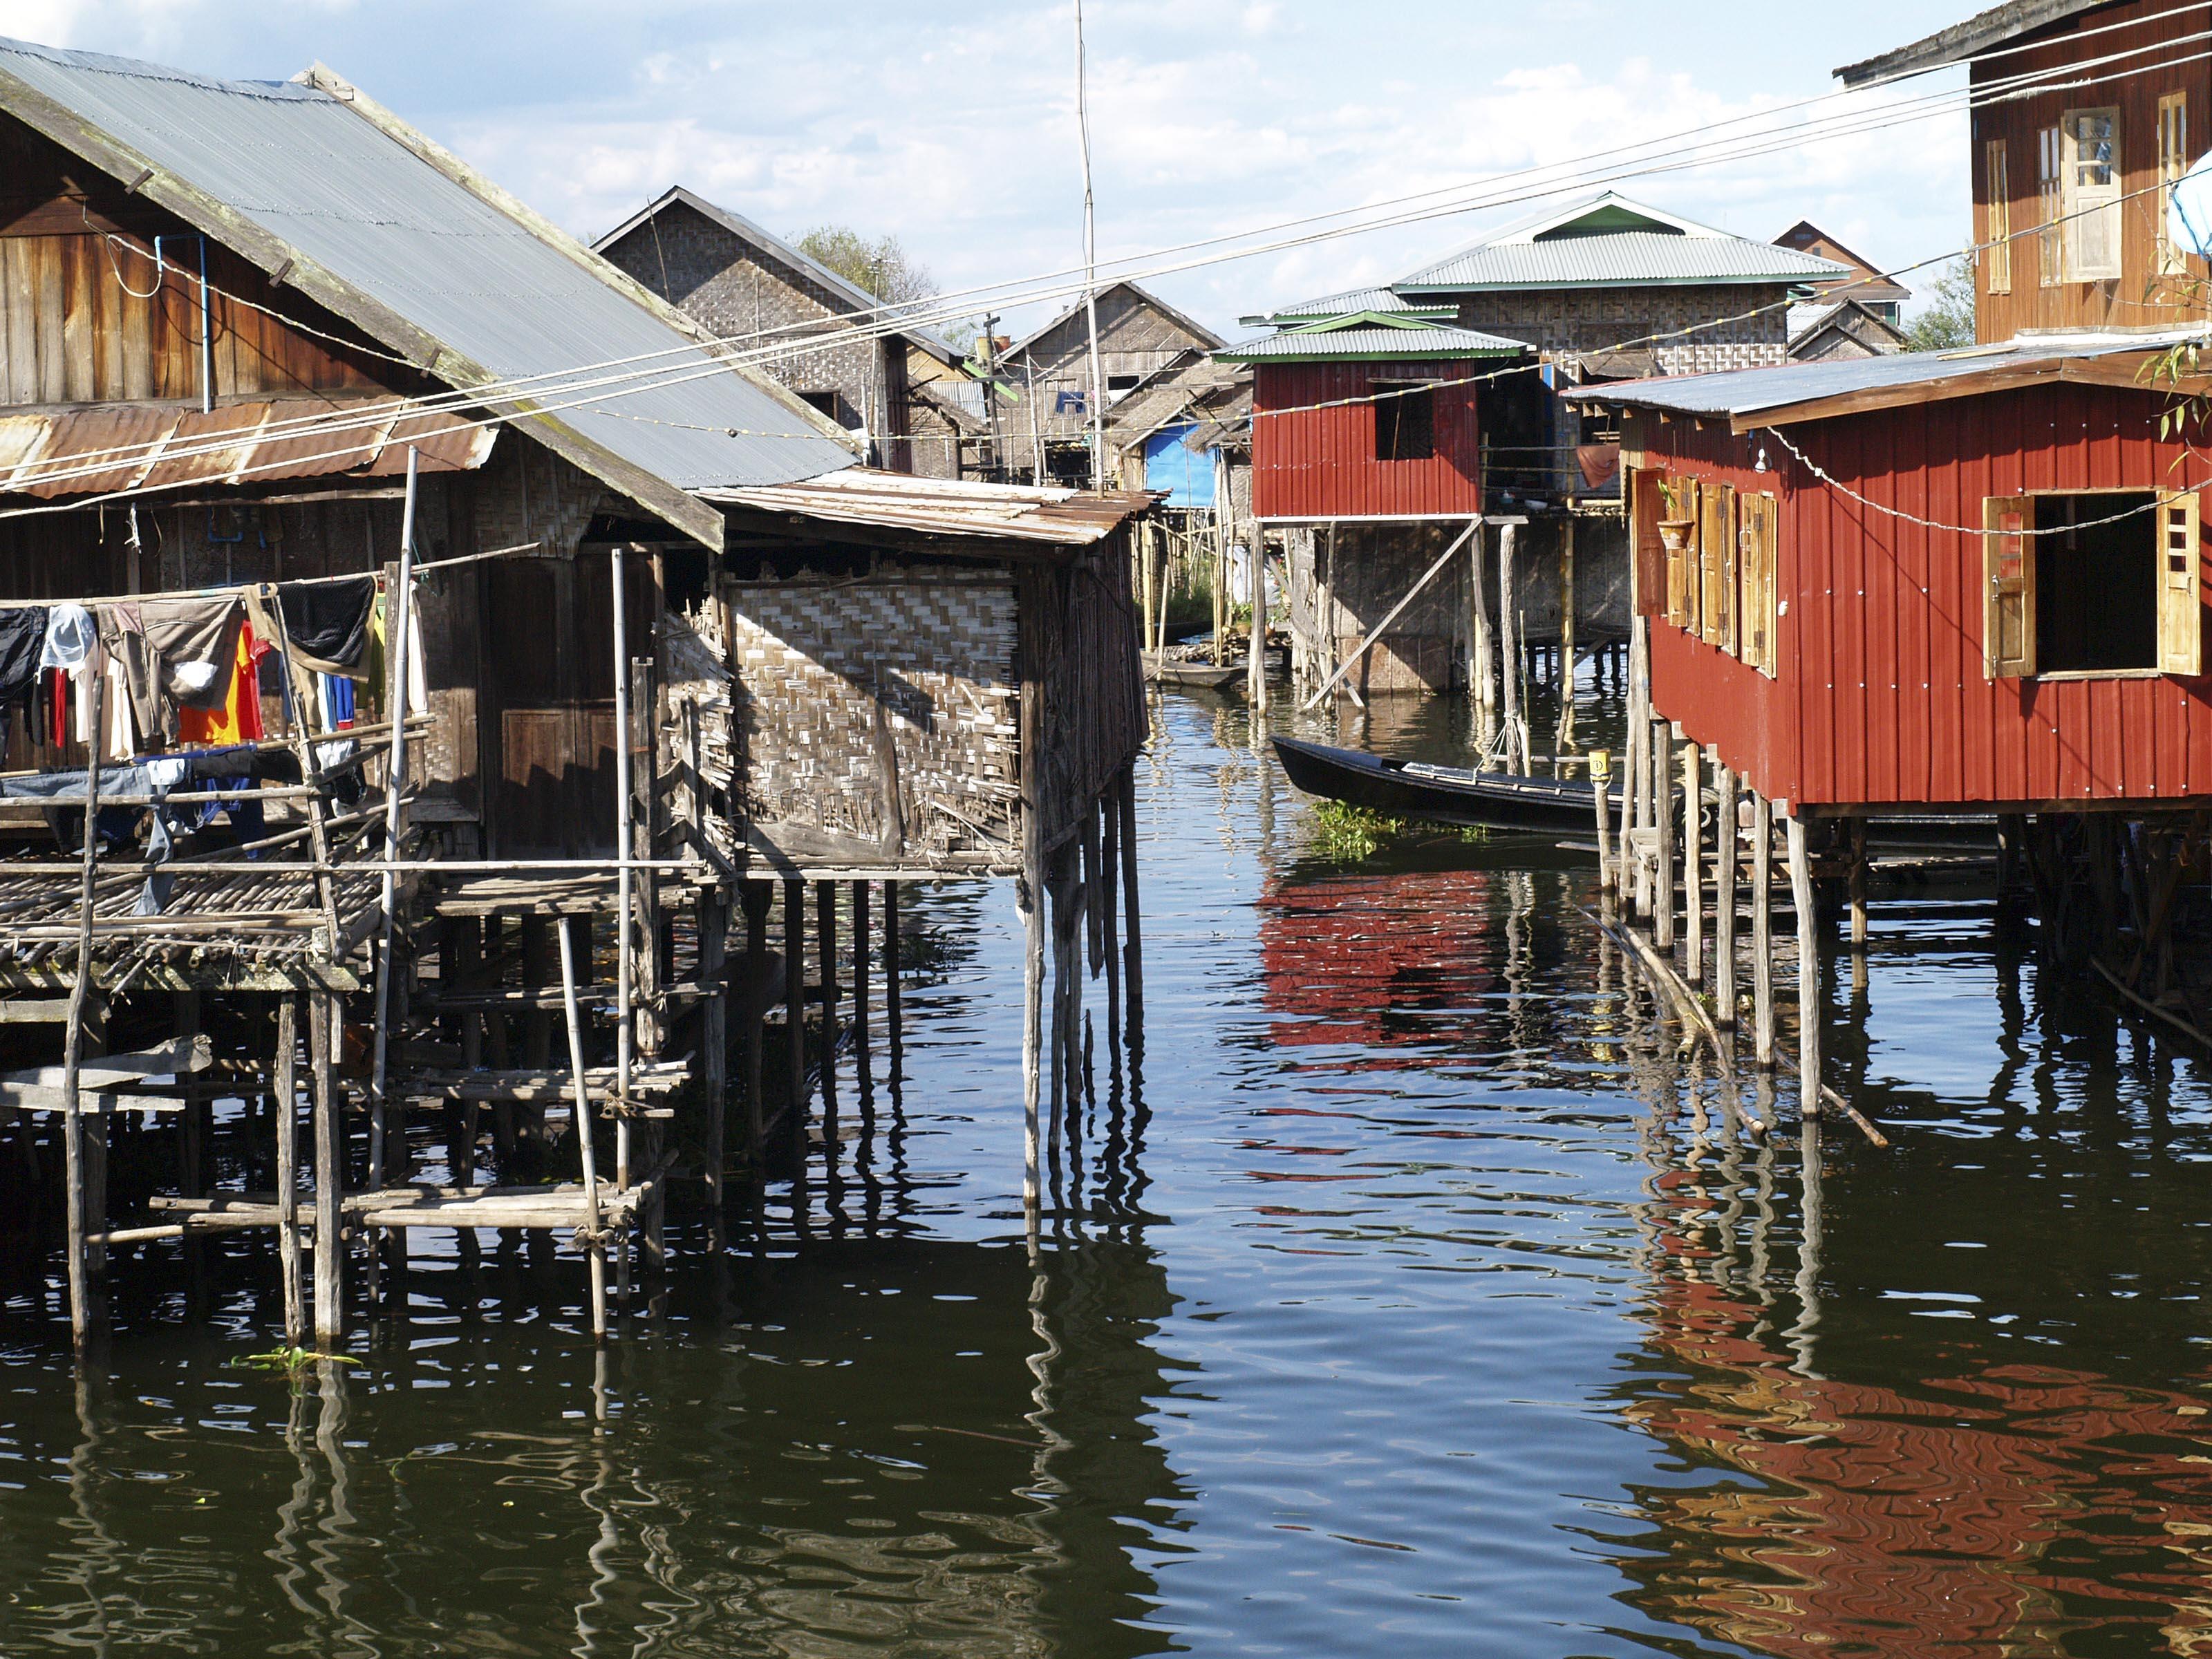 LAGO INLE, MYANMAR. LA CONSTRUCCION ADOSADA A LA CASA ES EL ASEO. LOS DESECHOS CAEN DIRECTAMENTE AL AGUA DEL LAGO.